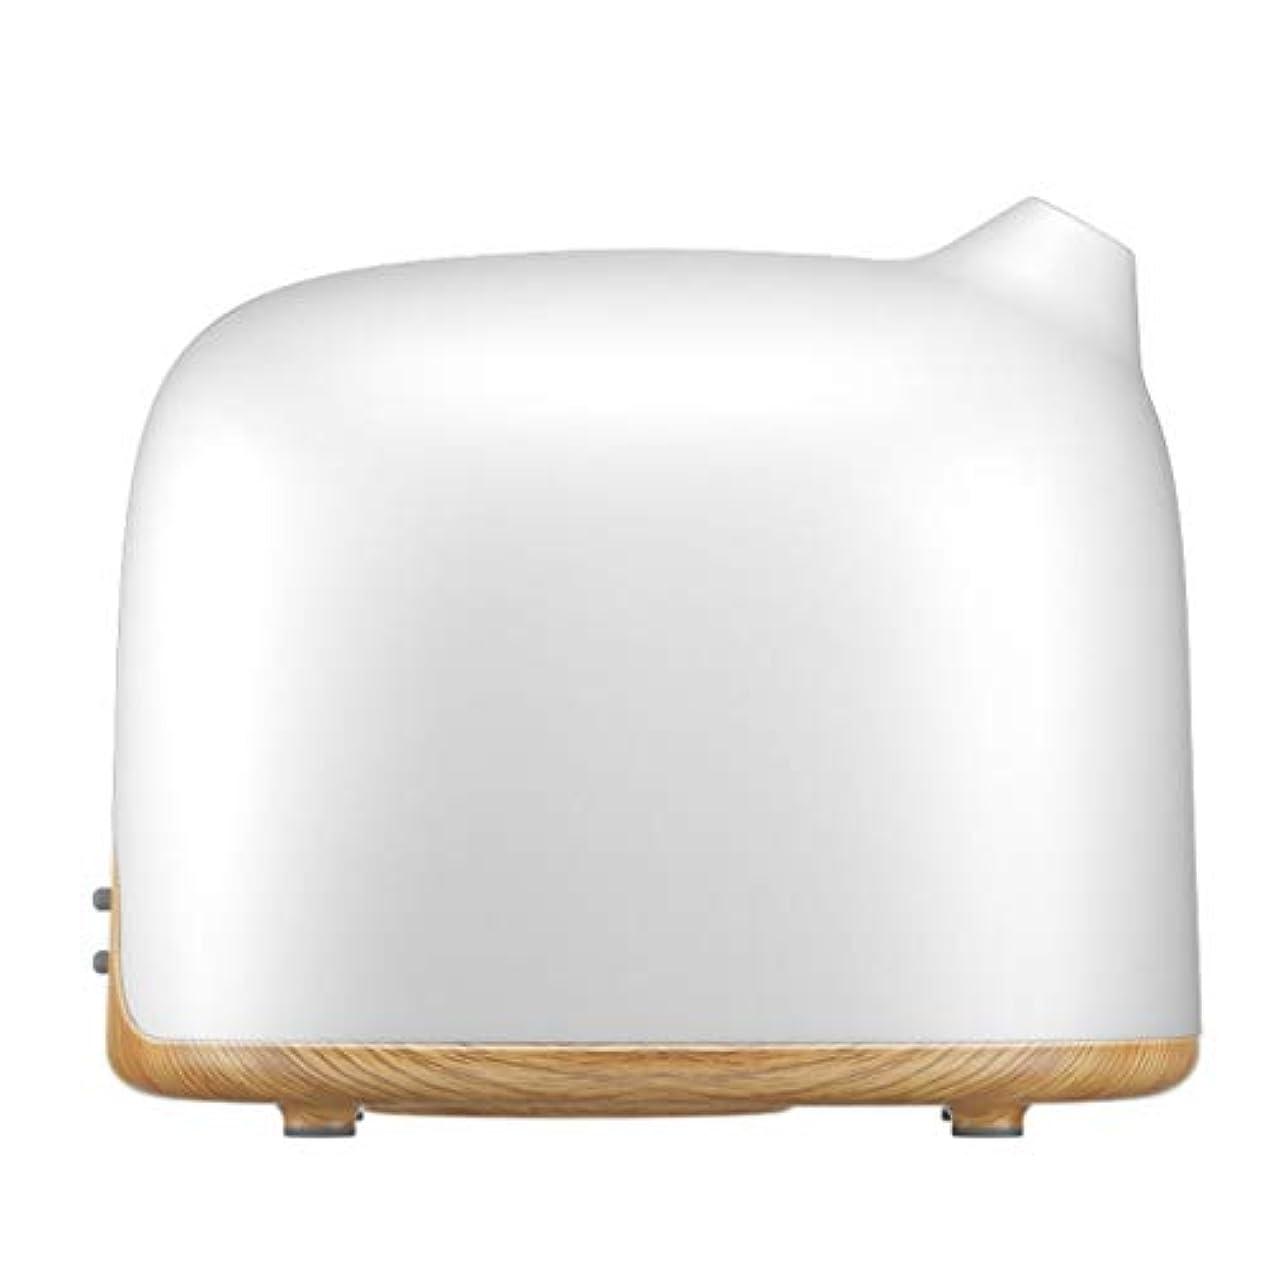 騒ぎオゾン有益空気加湿器ホームサイレント寝室妊娠中の女性ベビーエアフォグ大容量ディフューザー (Color : Natural)